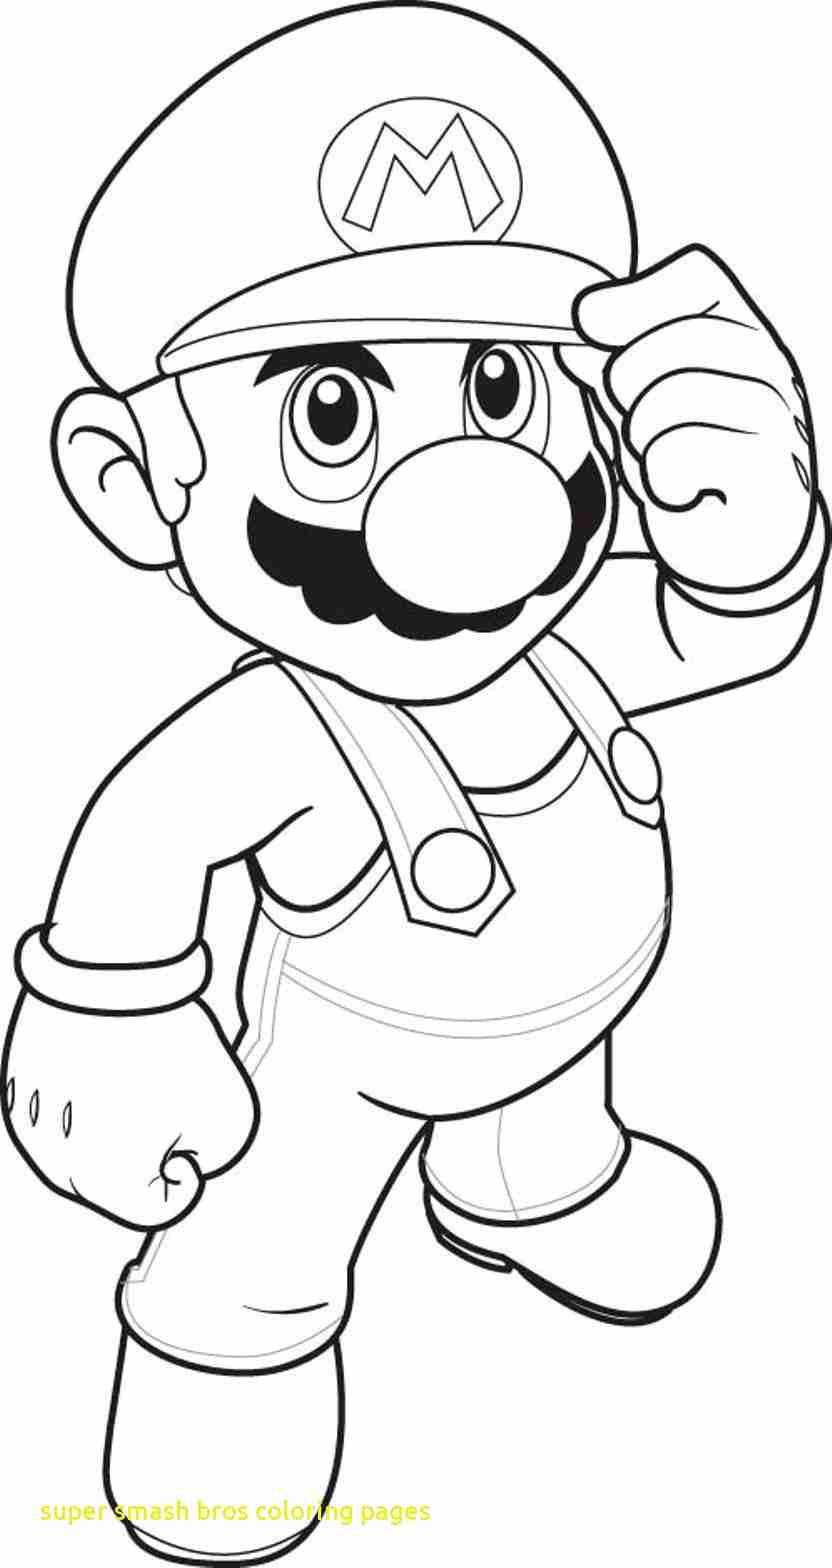 832x1568 Super Smash Bros Coloring Pages Olegratiy